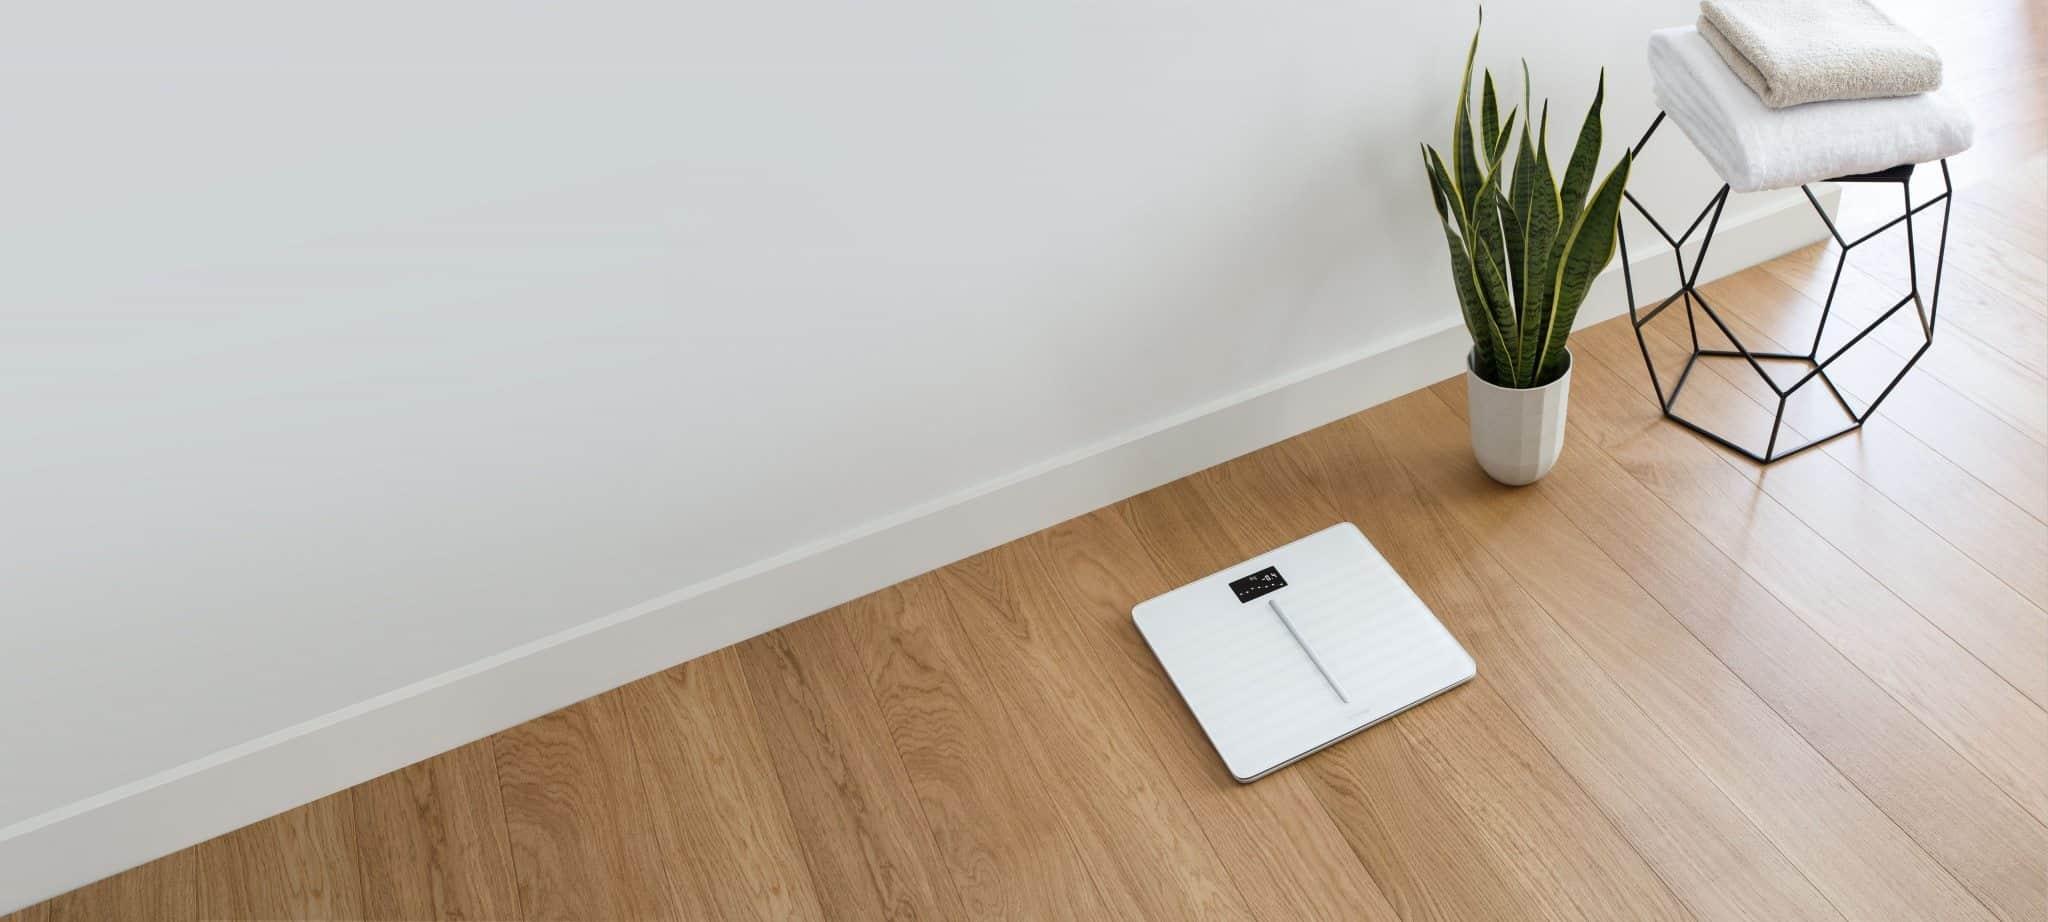 Im Test: Die Withings Body Cardio - Mehr als nur Gewicht